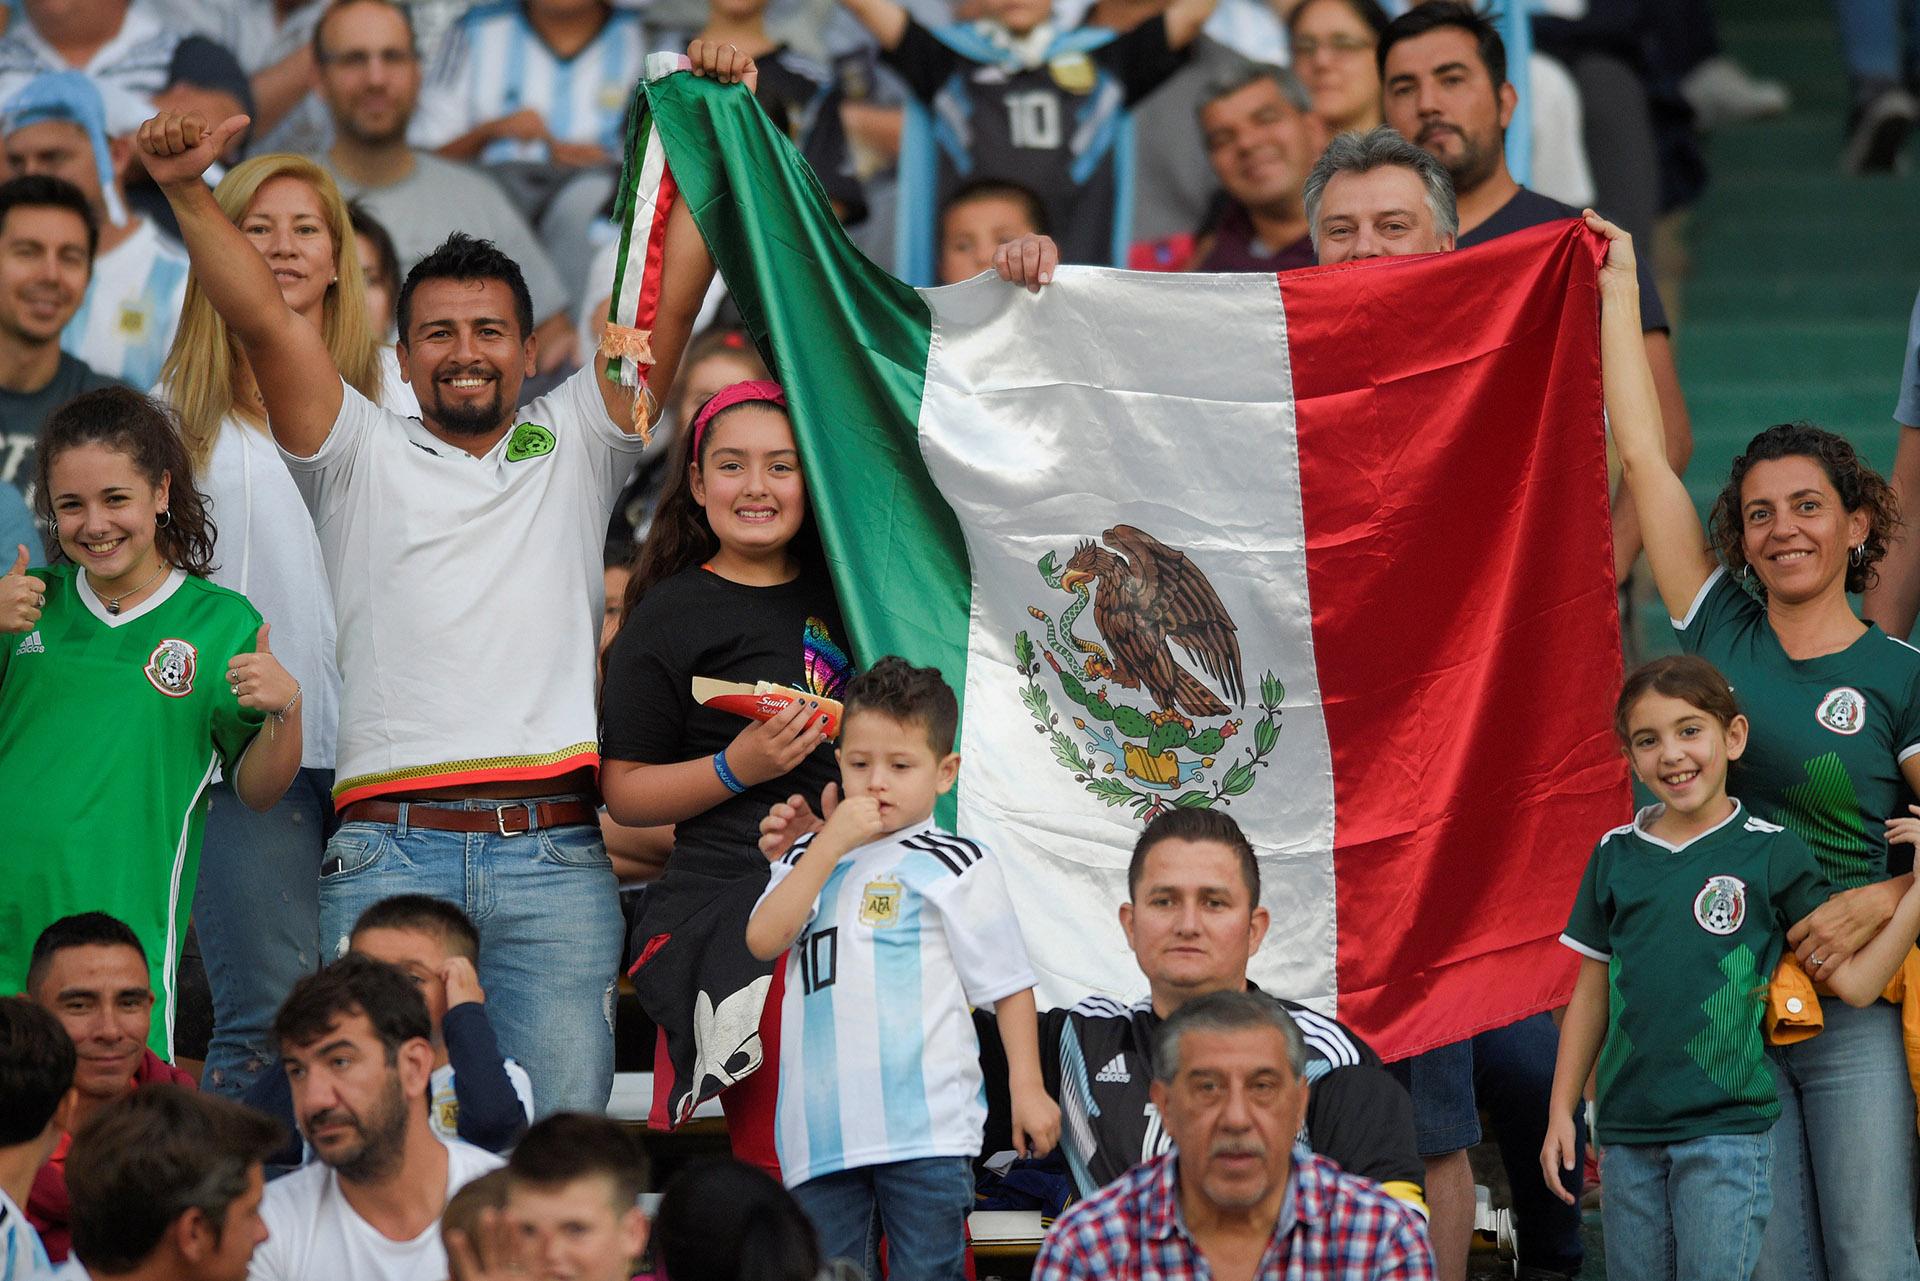 Los hinchas mexicanos y argentinos compartieron las tribunas (Reuters)